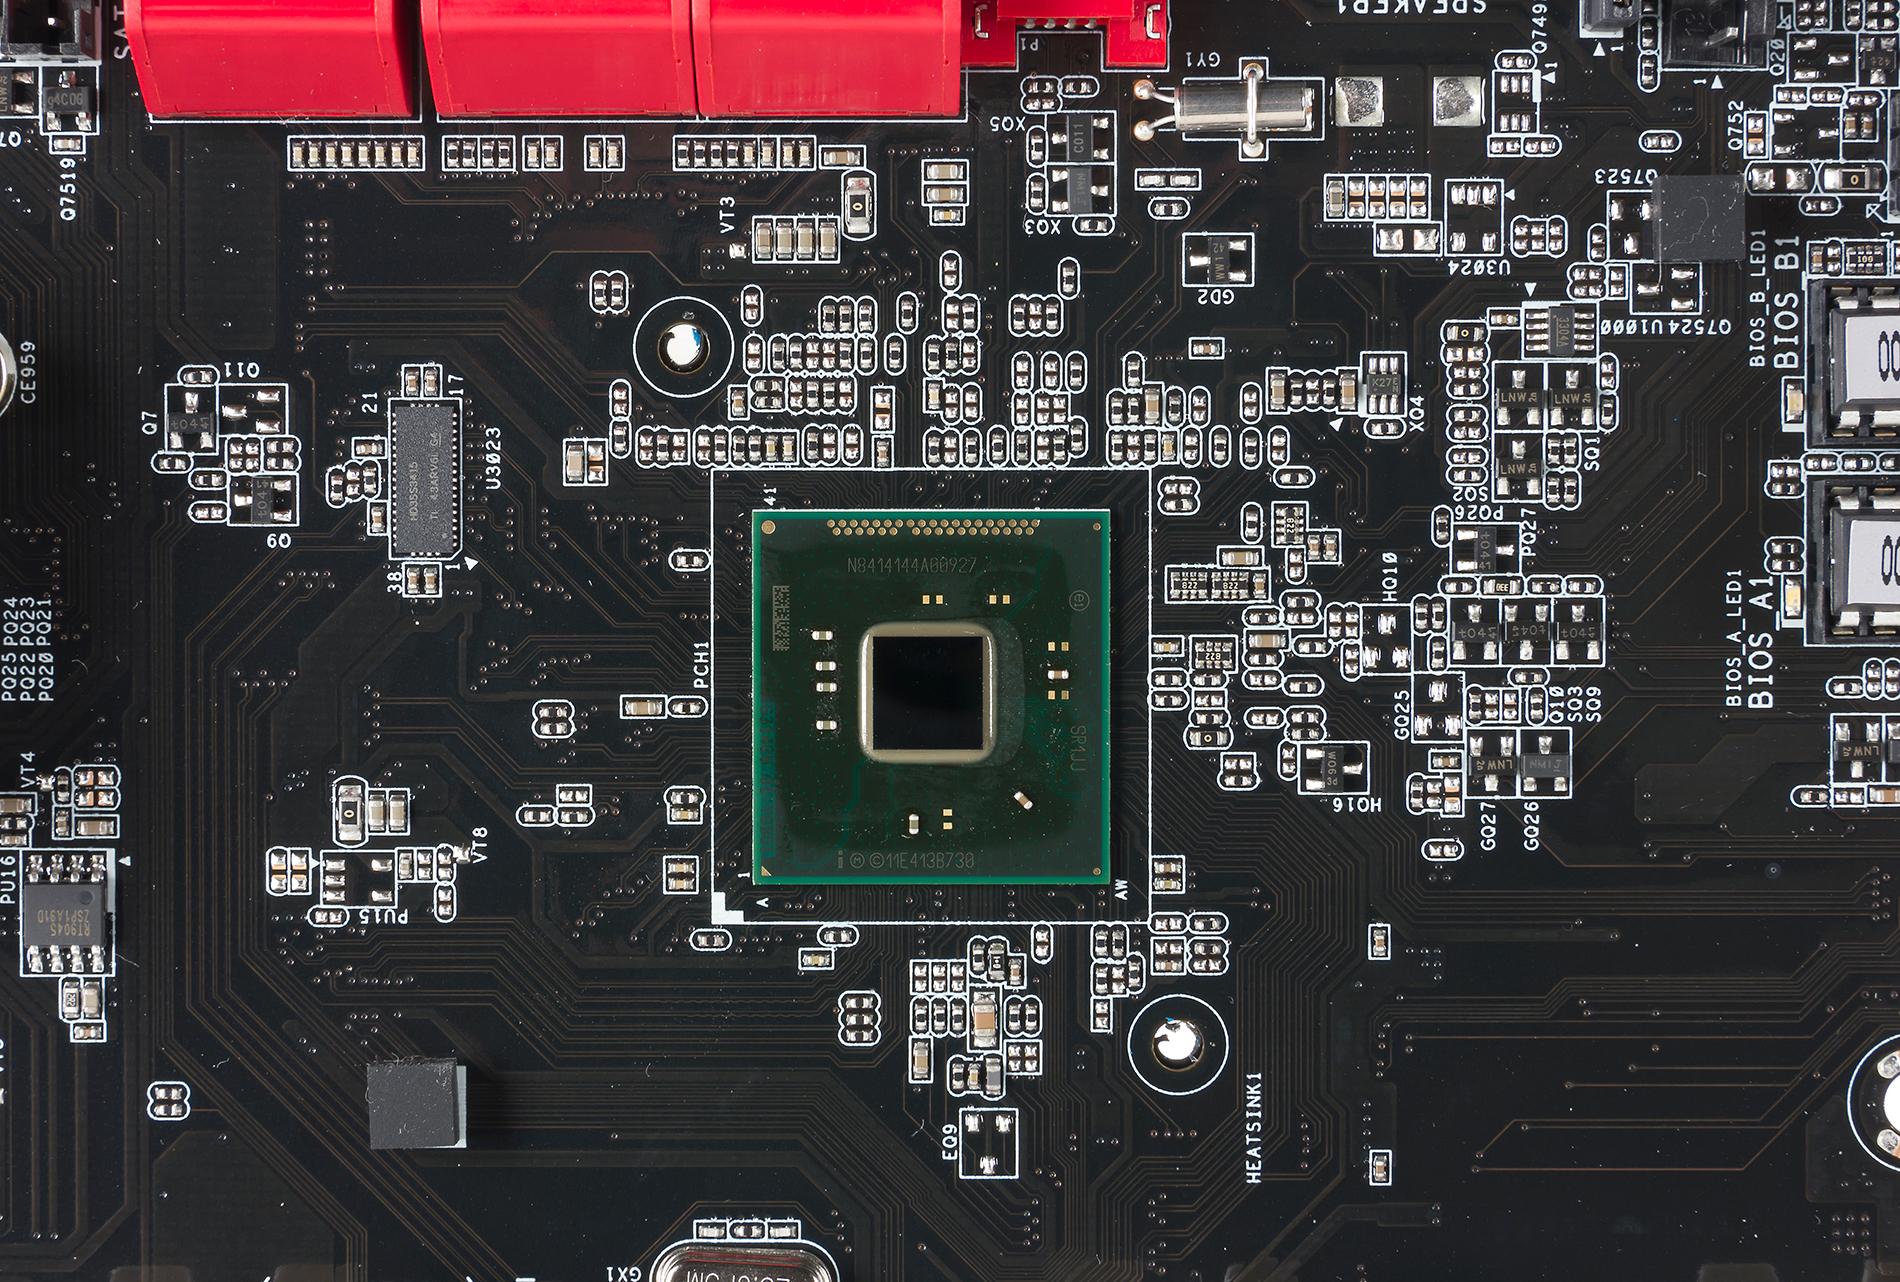 Что такое чипсет (chipset) у компьютера и зачем он нужен